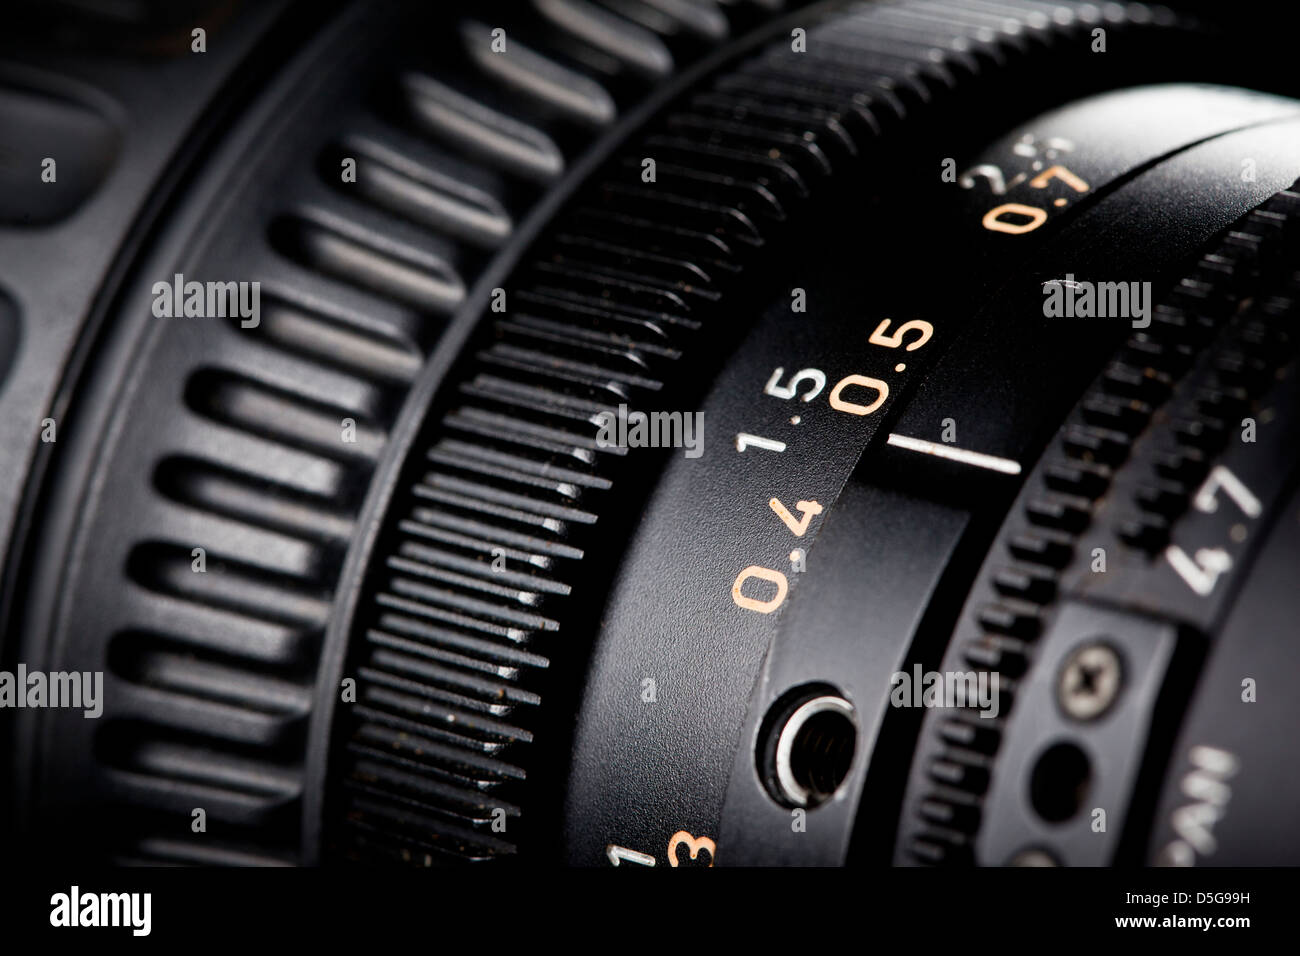 Close-up di ghiera di messa a fuoco su un televisore la lente della fotocamera. Immagini Stock